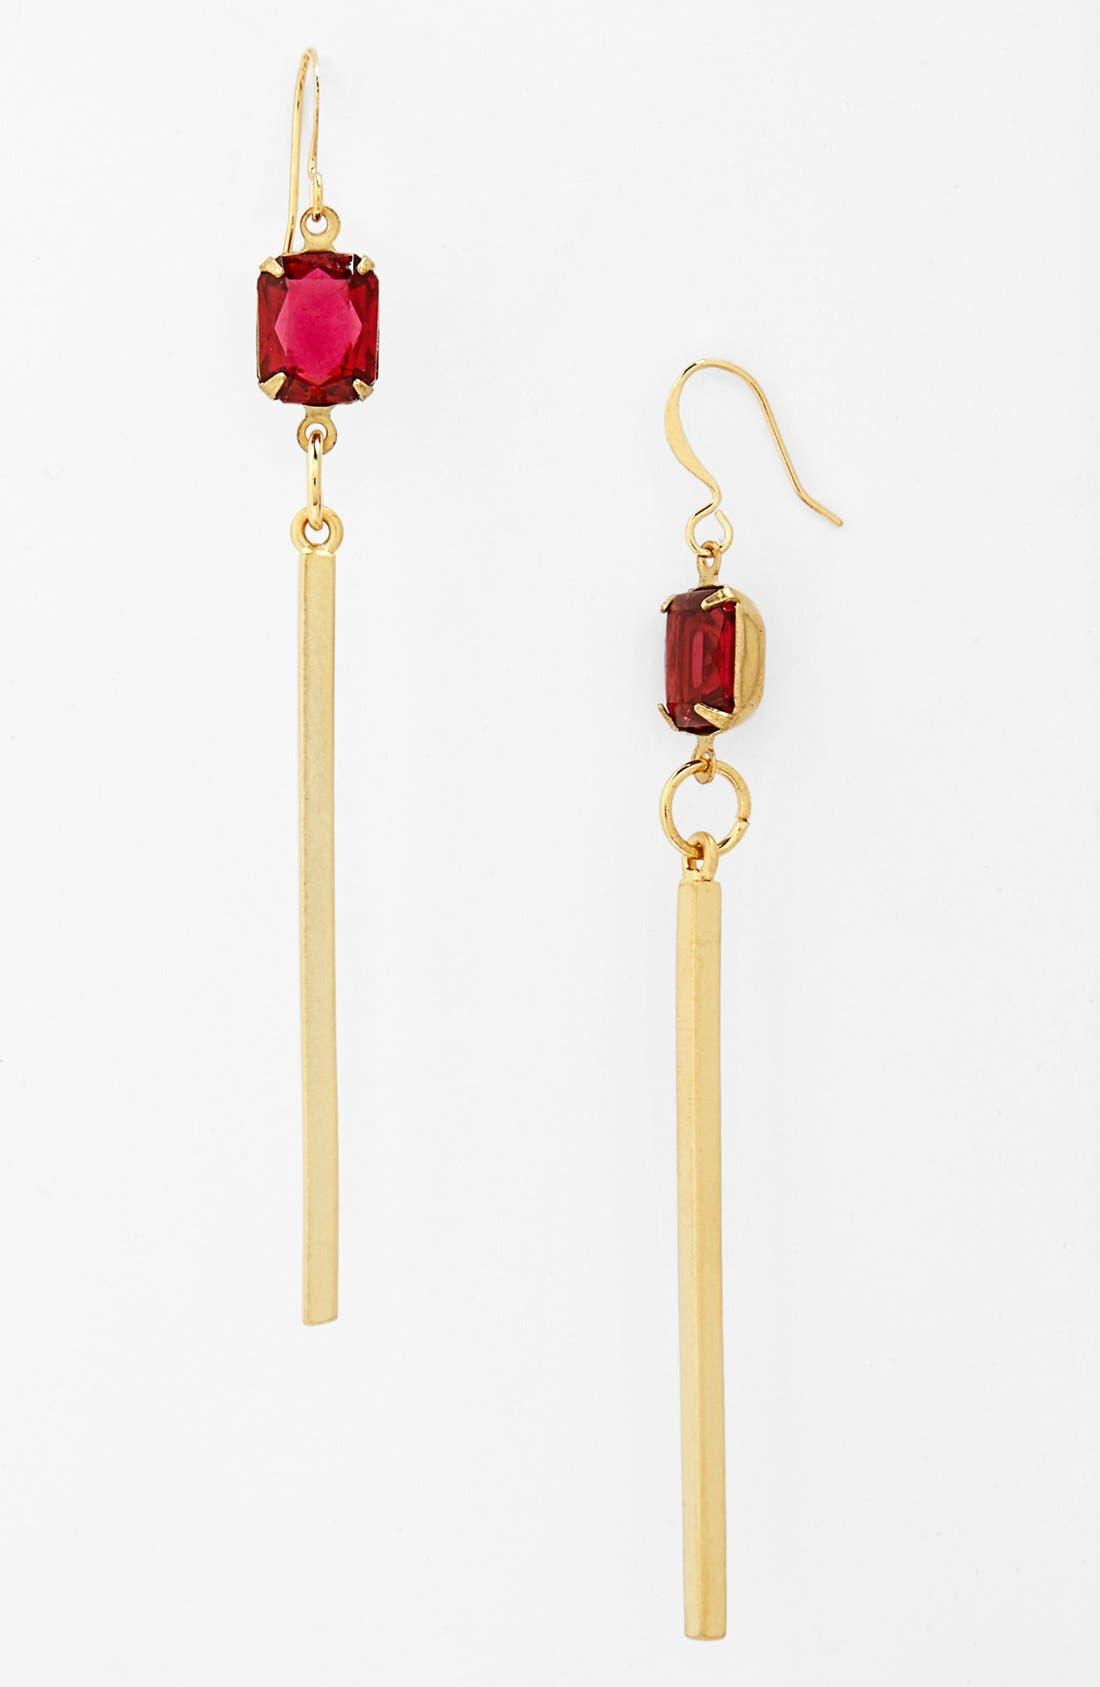 Alternate Image 1 Selected - Verdier Jewelry Pendant Earrings